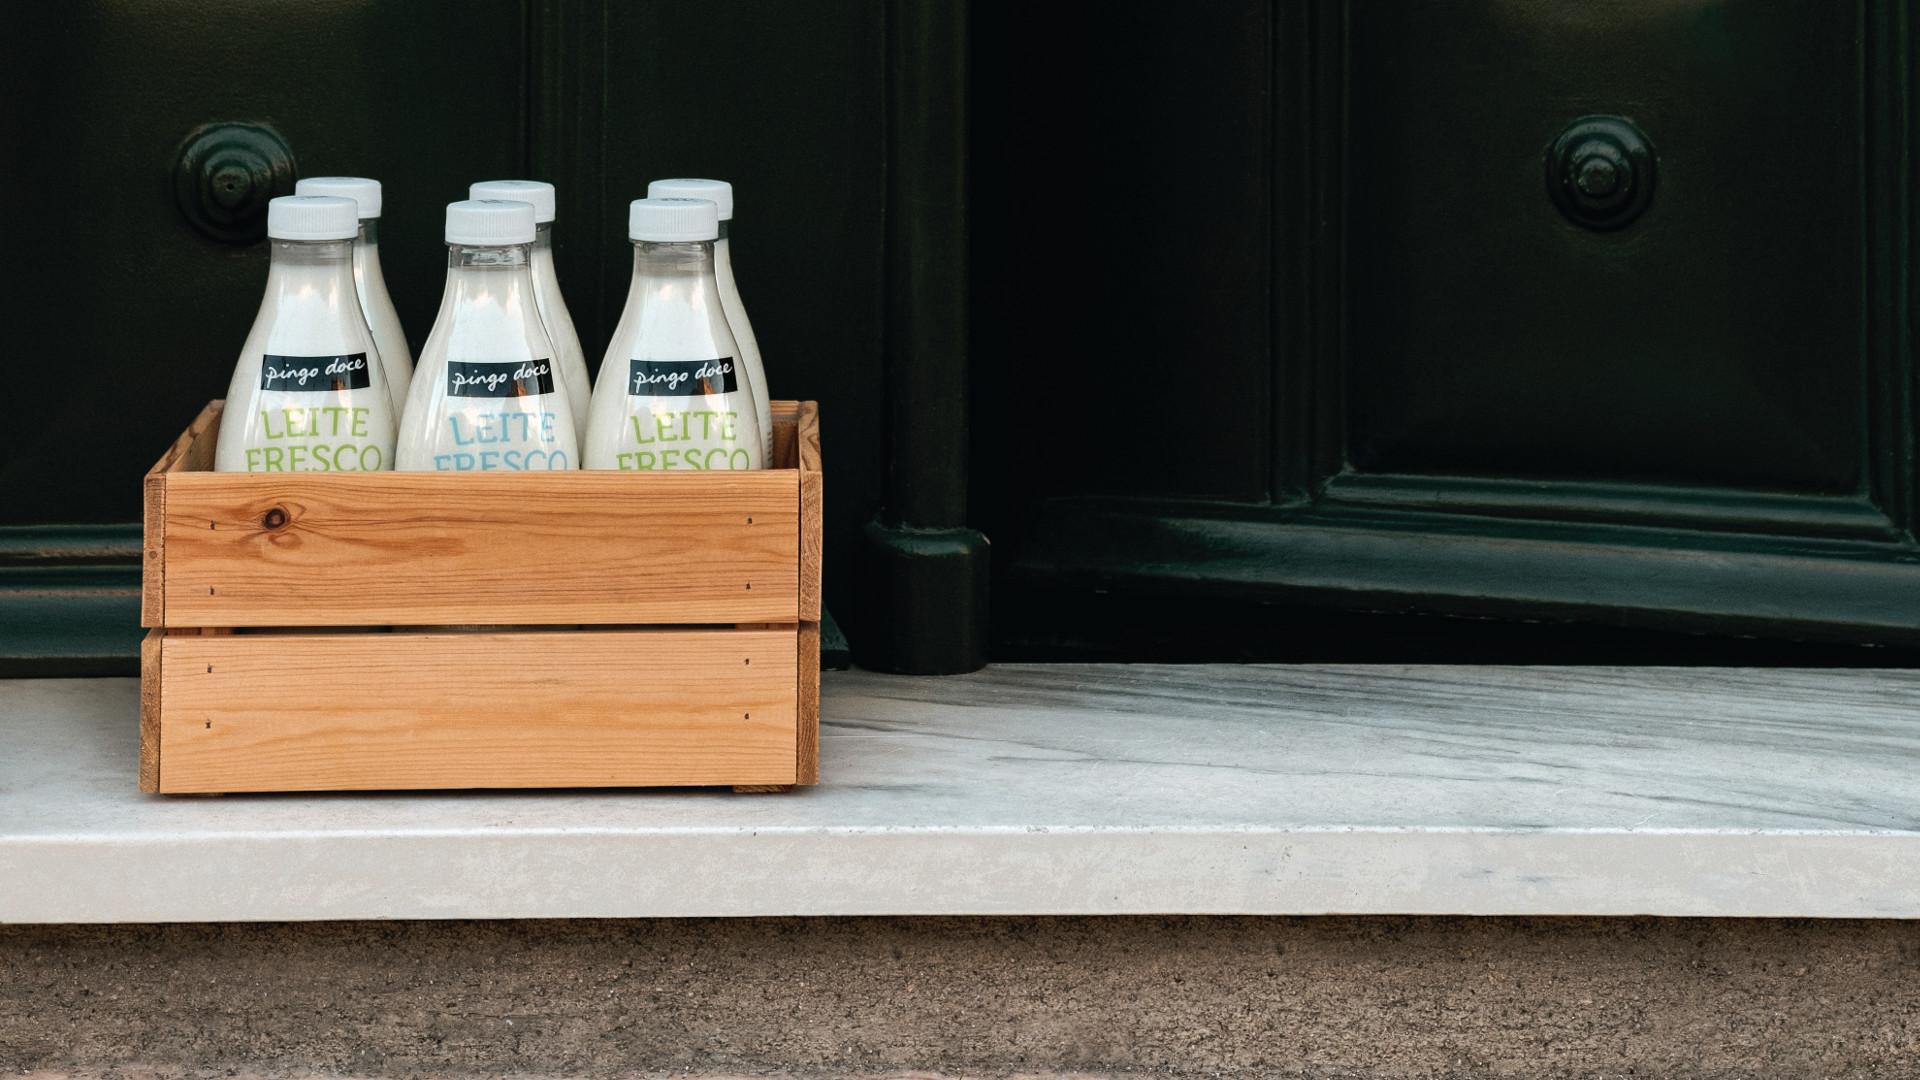 jeronimo-martins-the-milk-round-evolution-banner